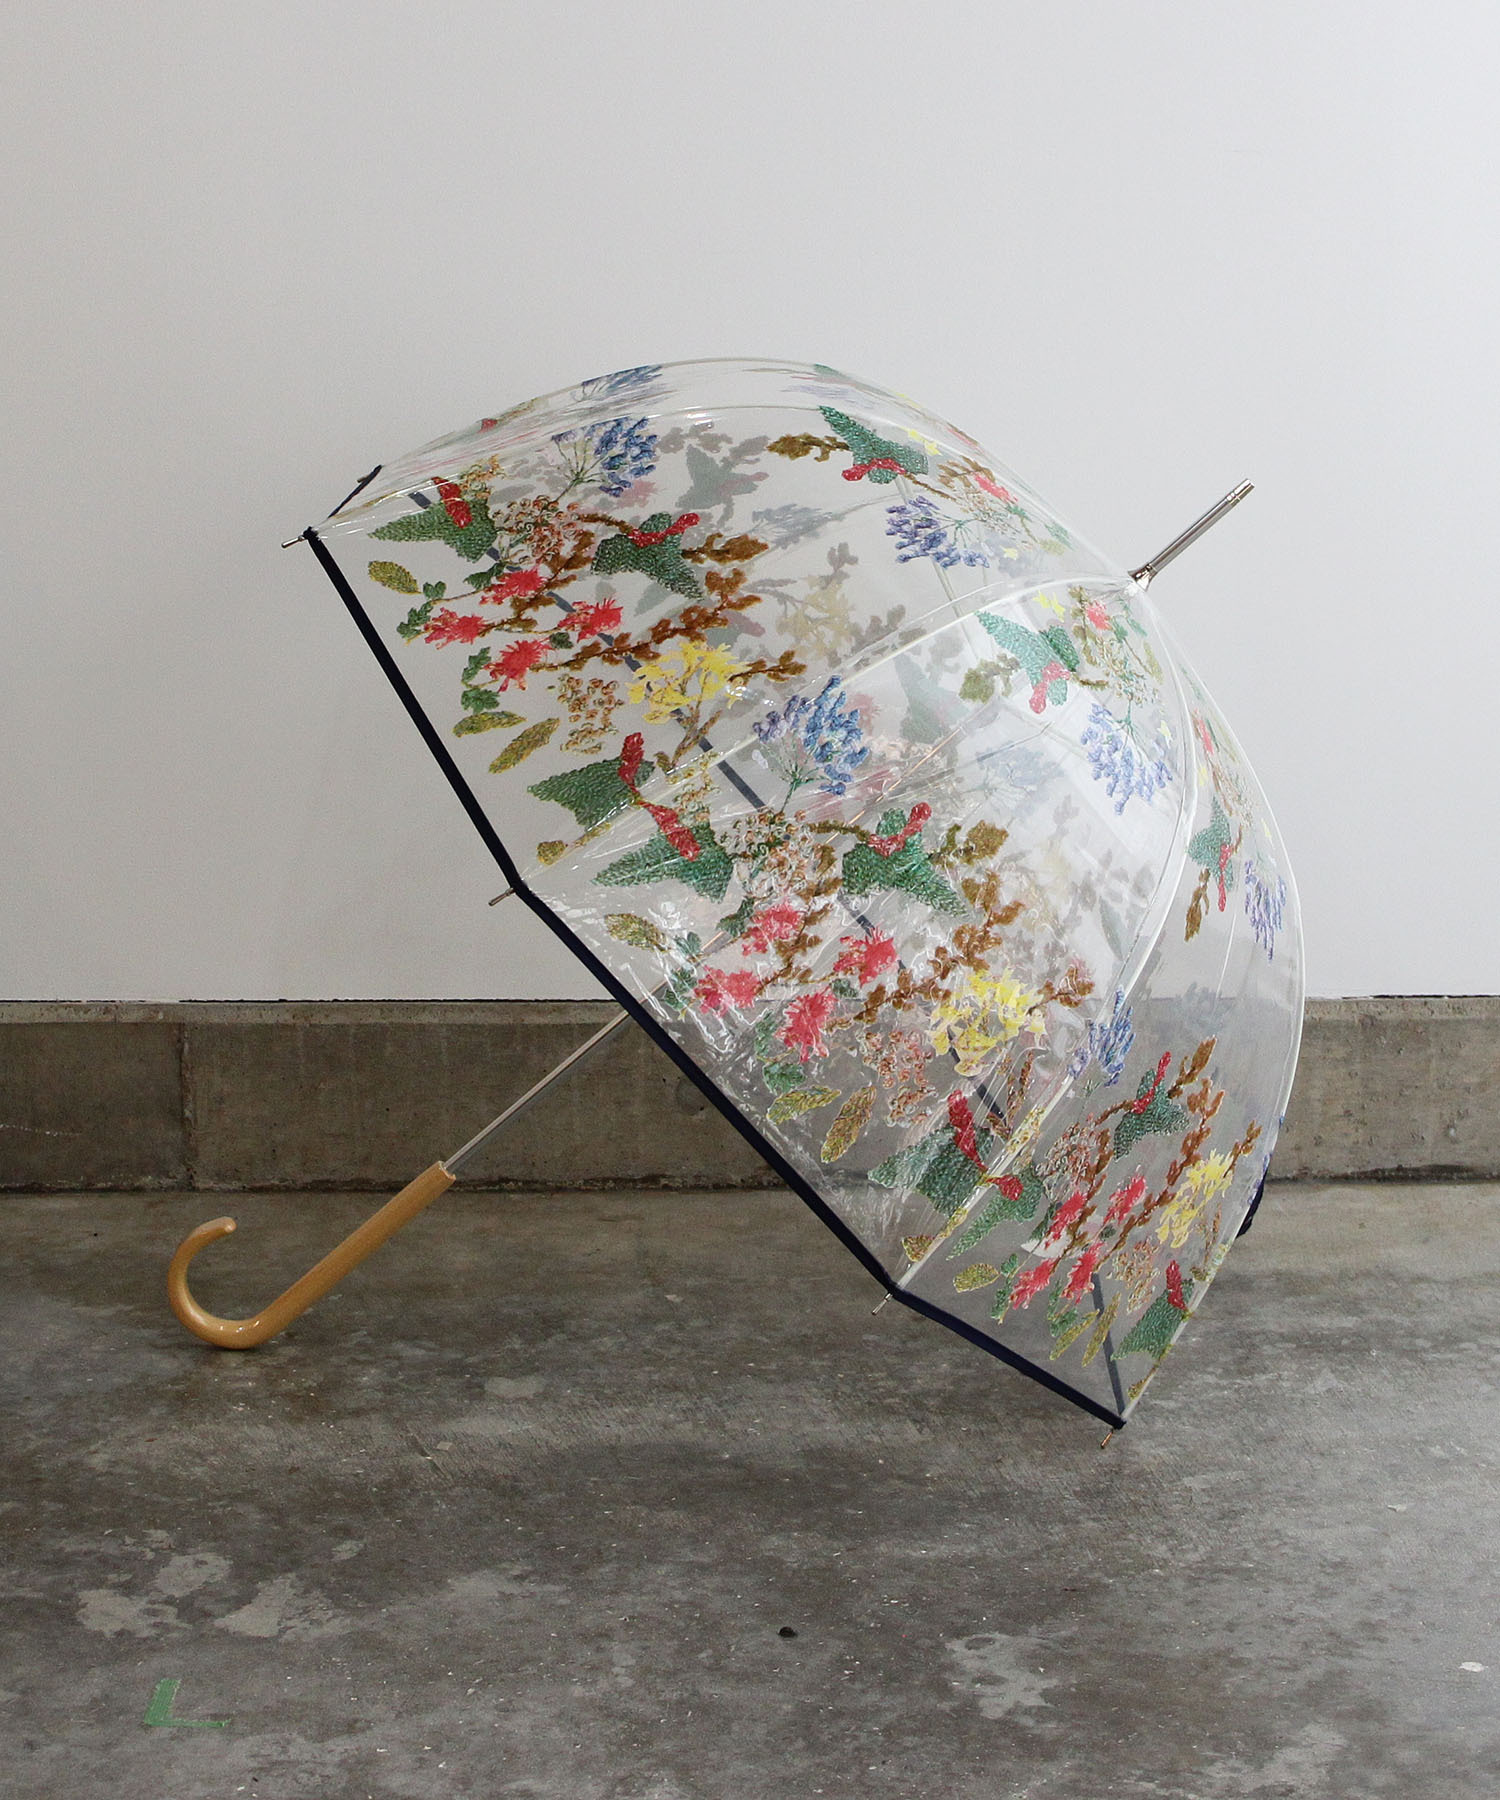 刺繍花柄プリントビニール傘  evh001  NVY